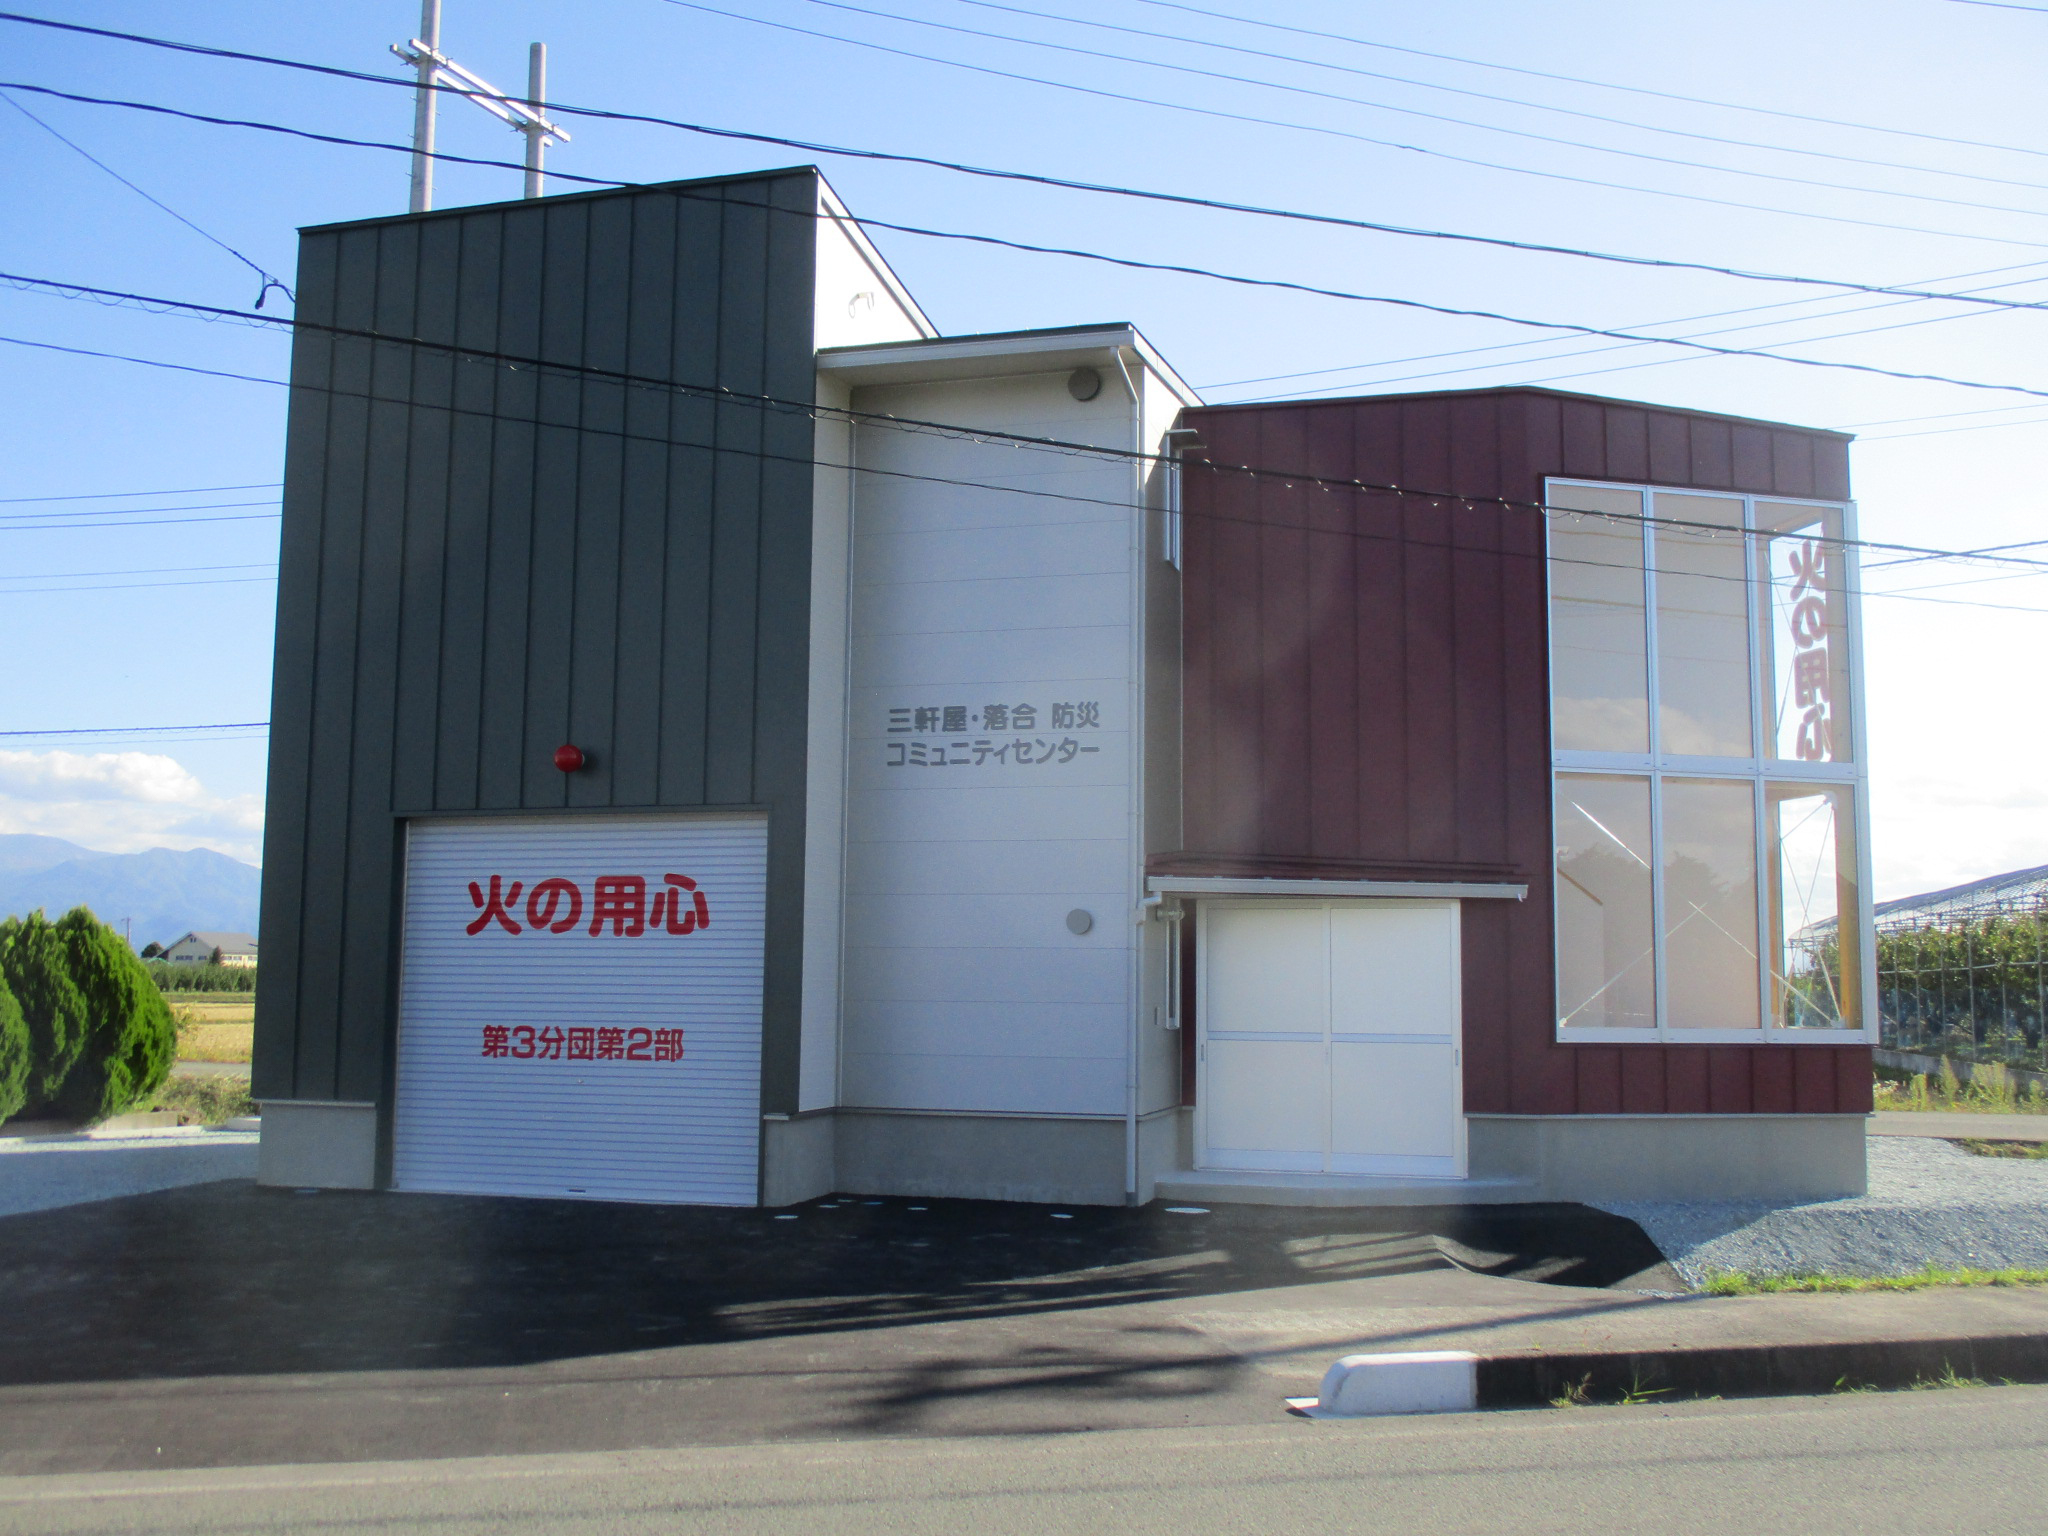 【山形】三軒屋・落合防災コミュニティセンター